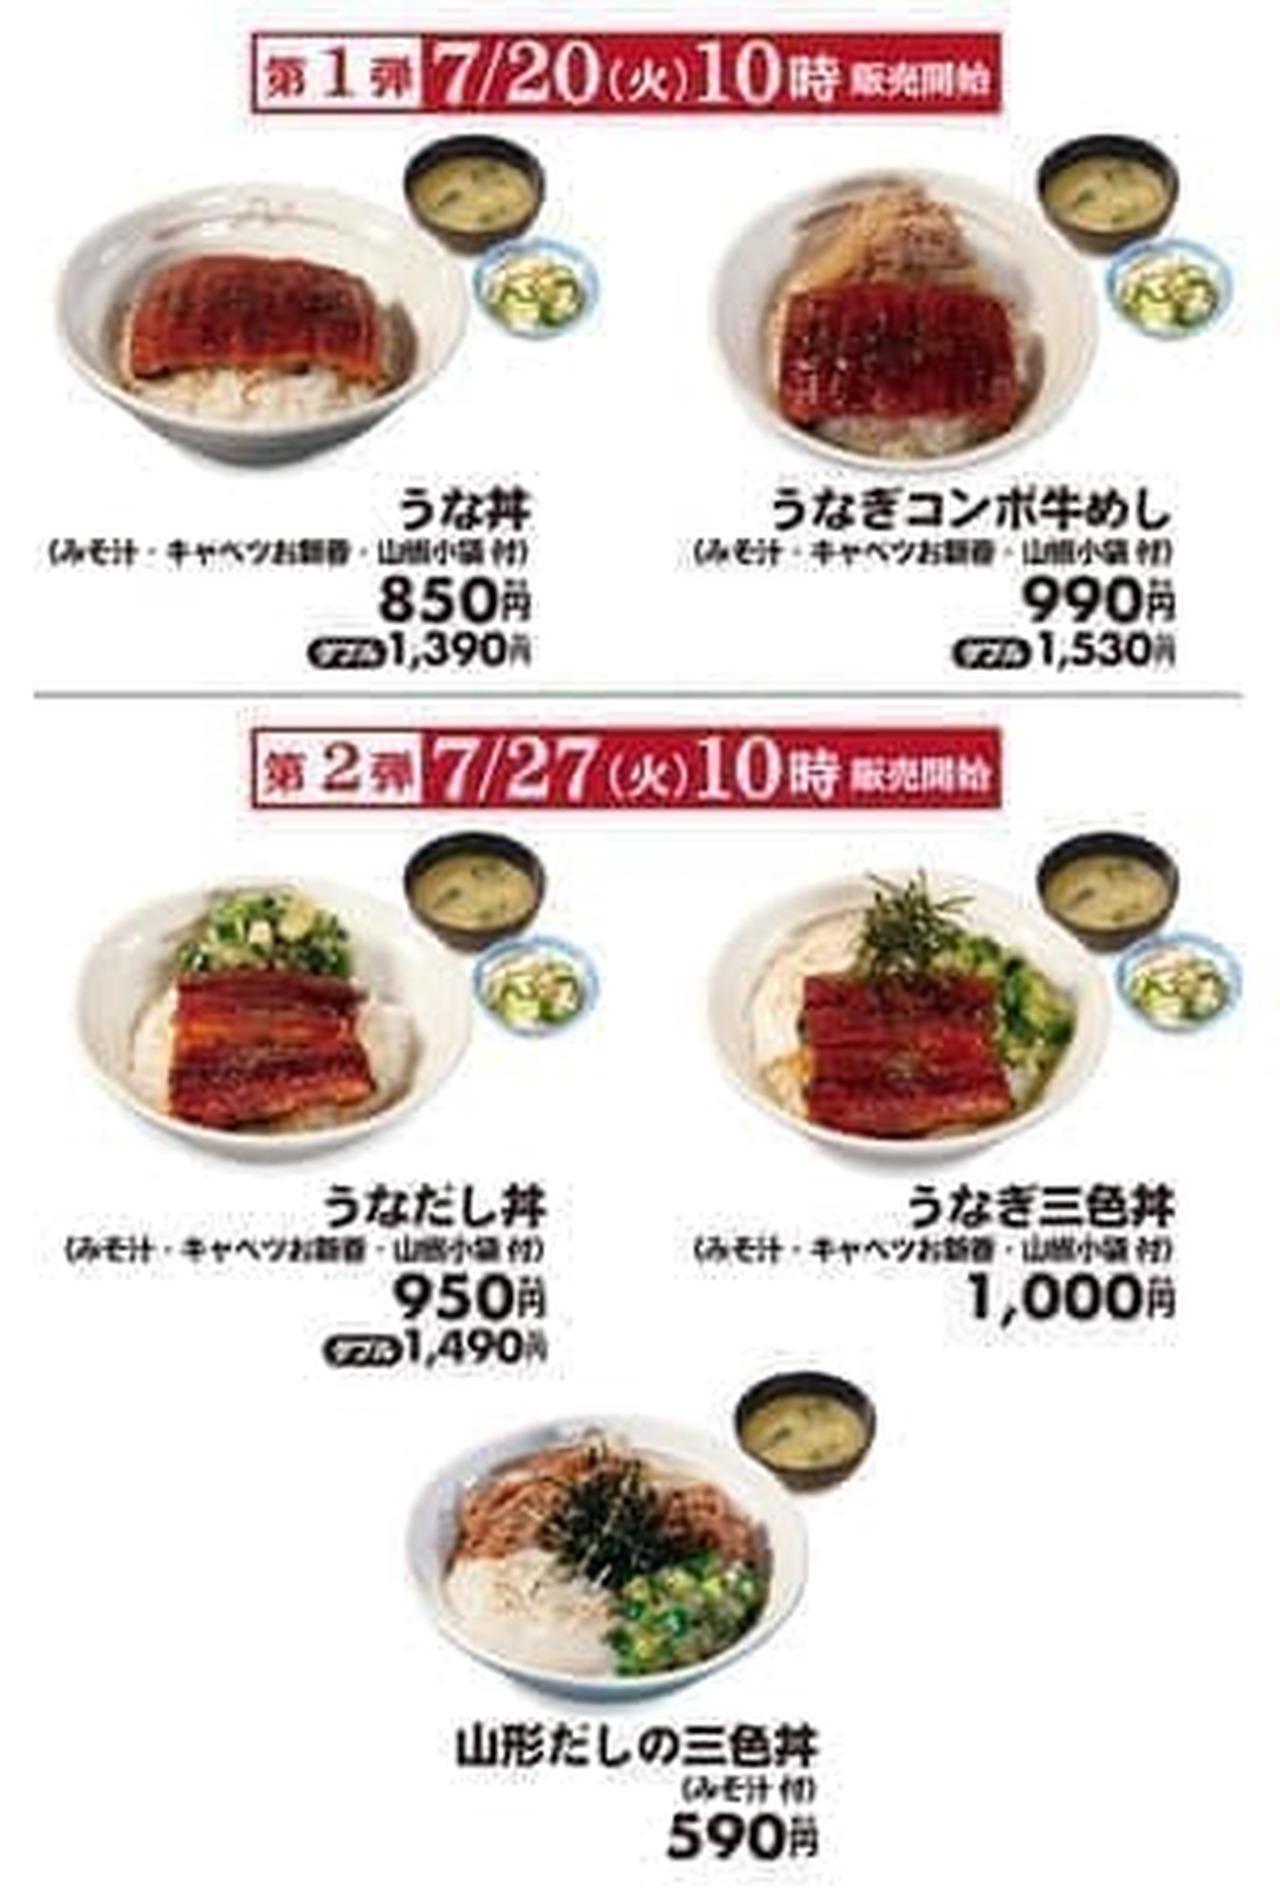 松屋「うな丼」「うなぎコンボ牛めし」や「うなだし丼」「うなぎ三色丼」「山形だしの三色丼」